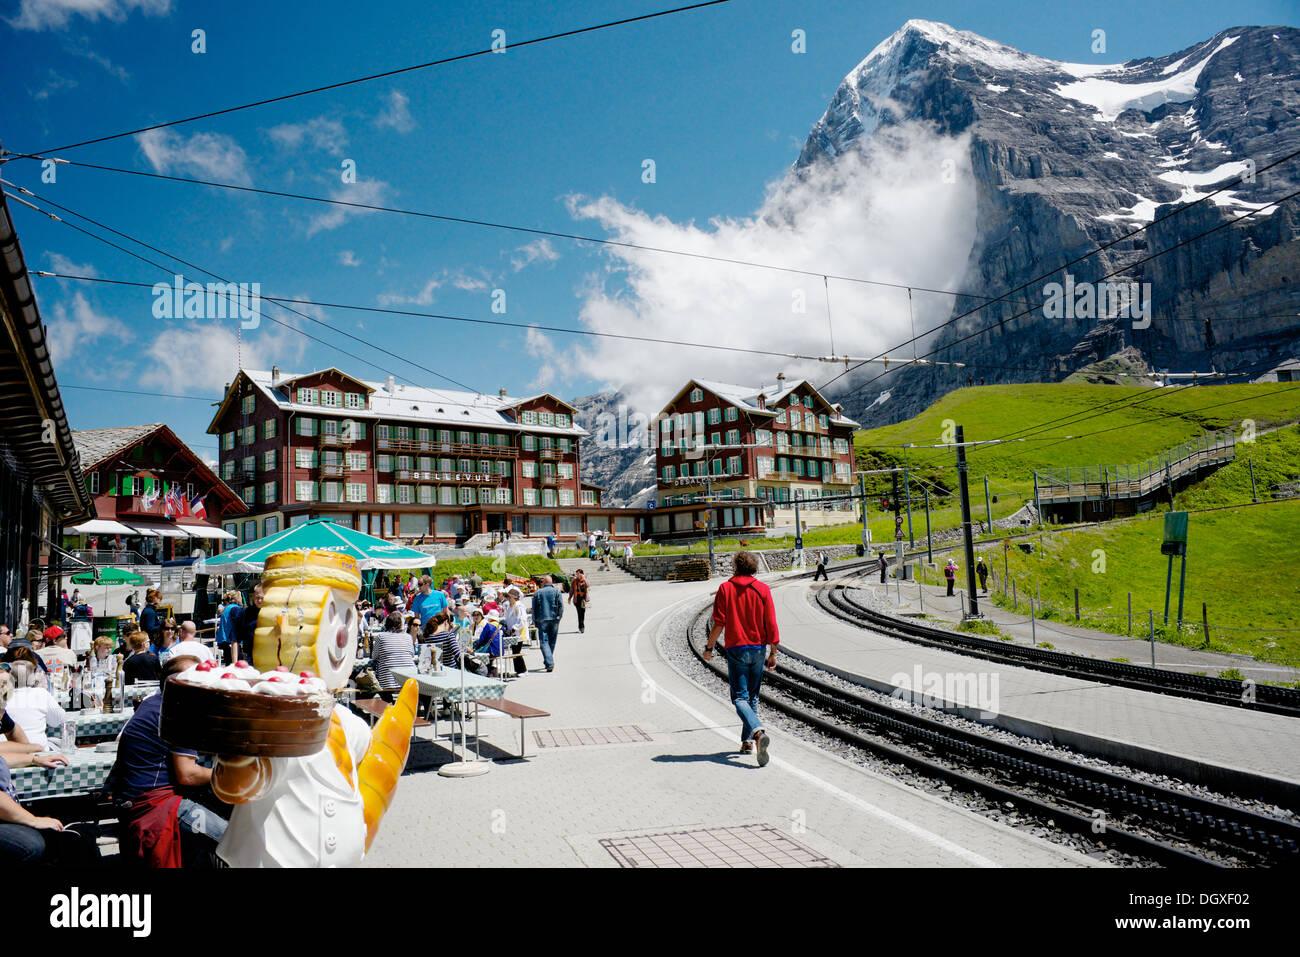 Kleine Scheidegg and the eiger - Stock Image